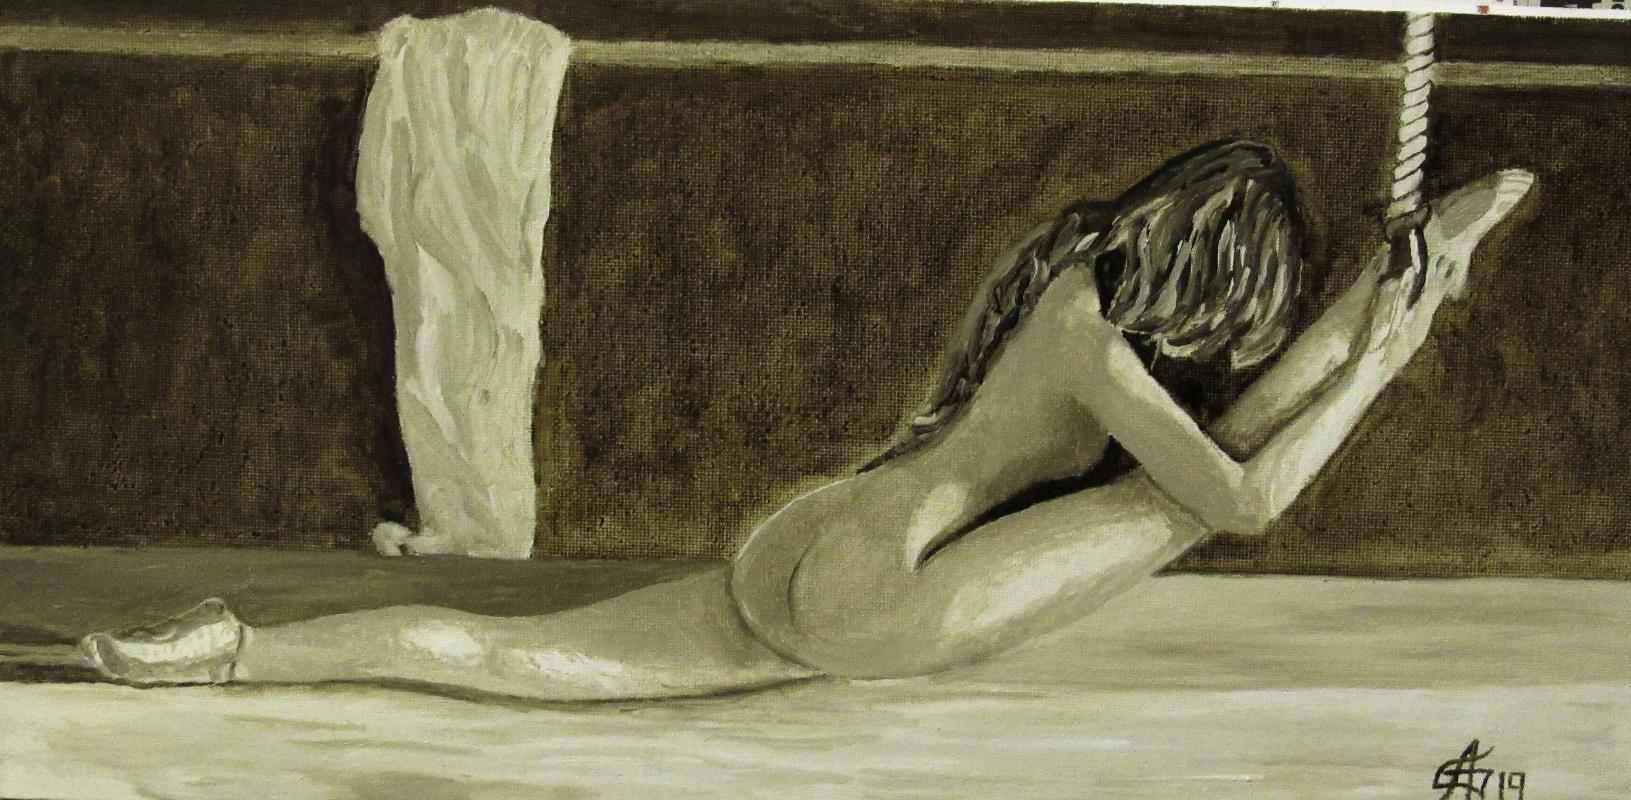 Artashes Badalyan. Twine (in tones of natural umber) - x-hardboard-m - 20x40